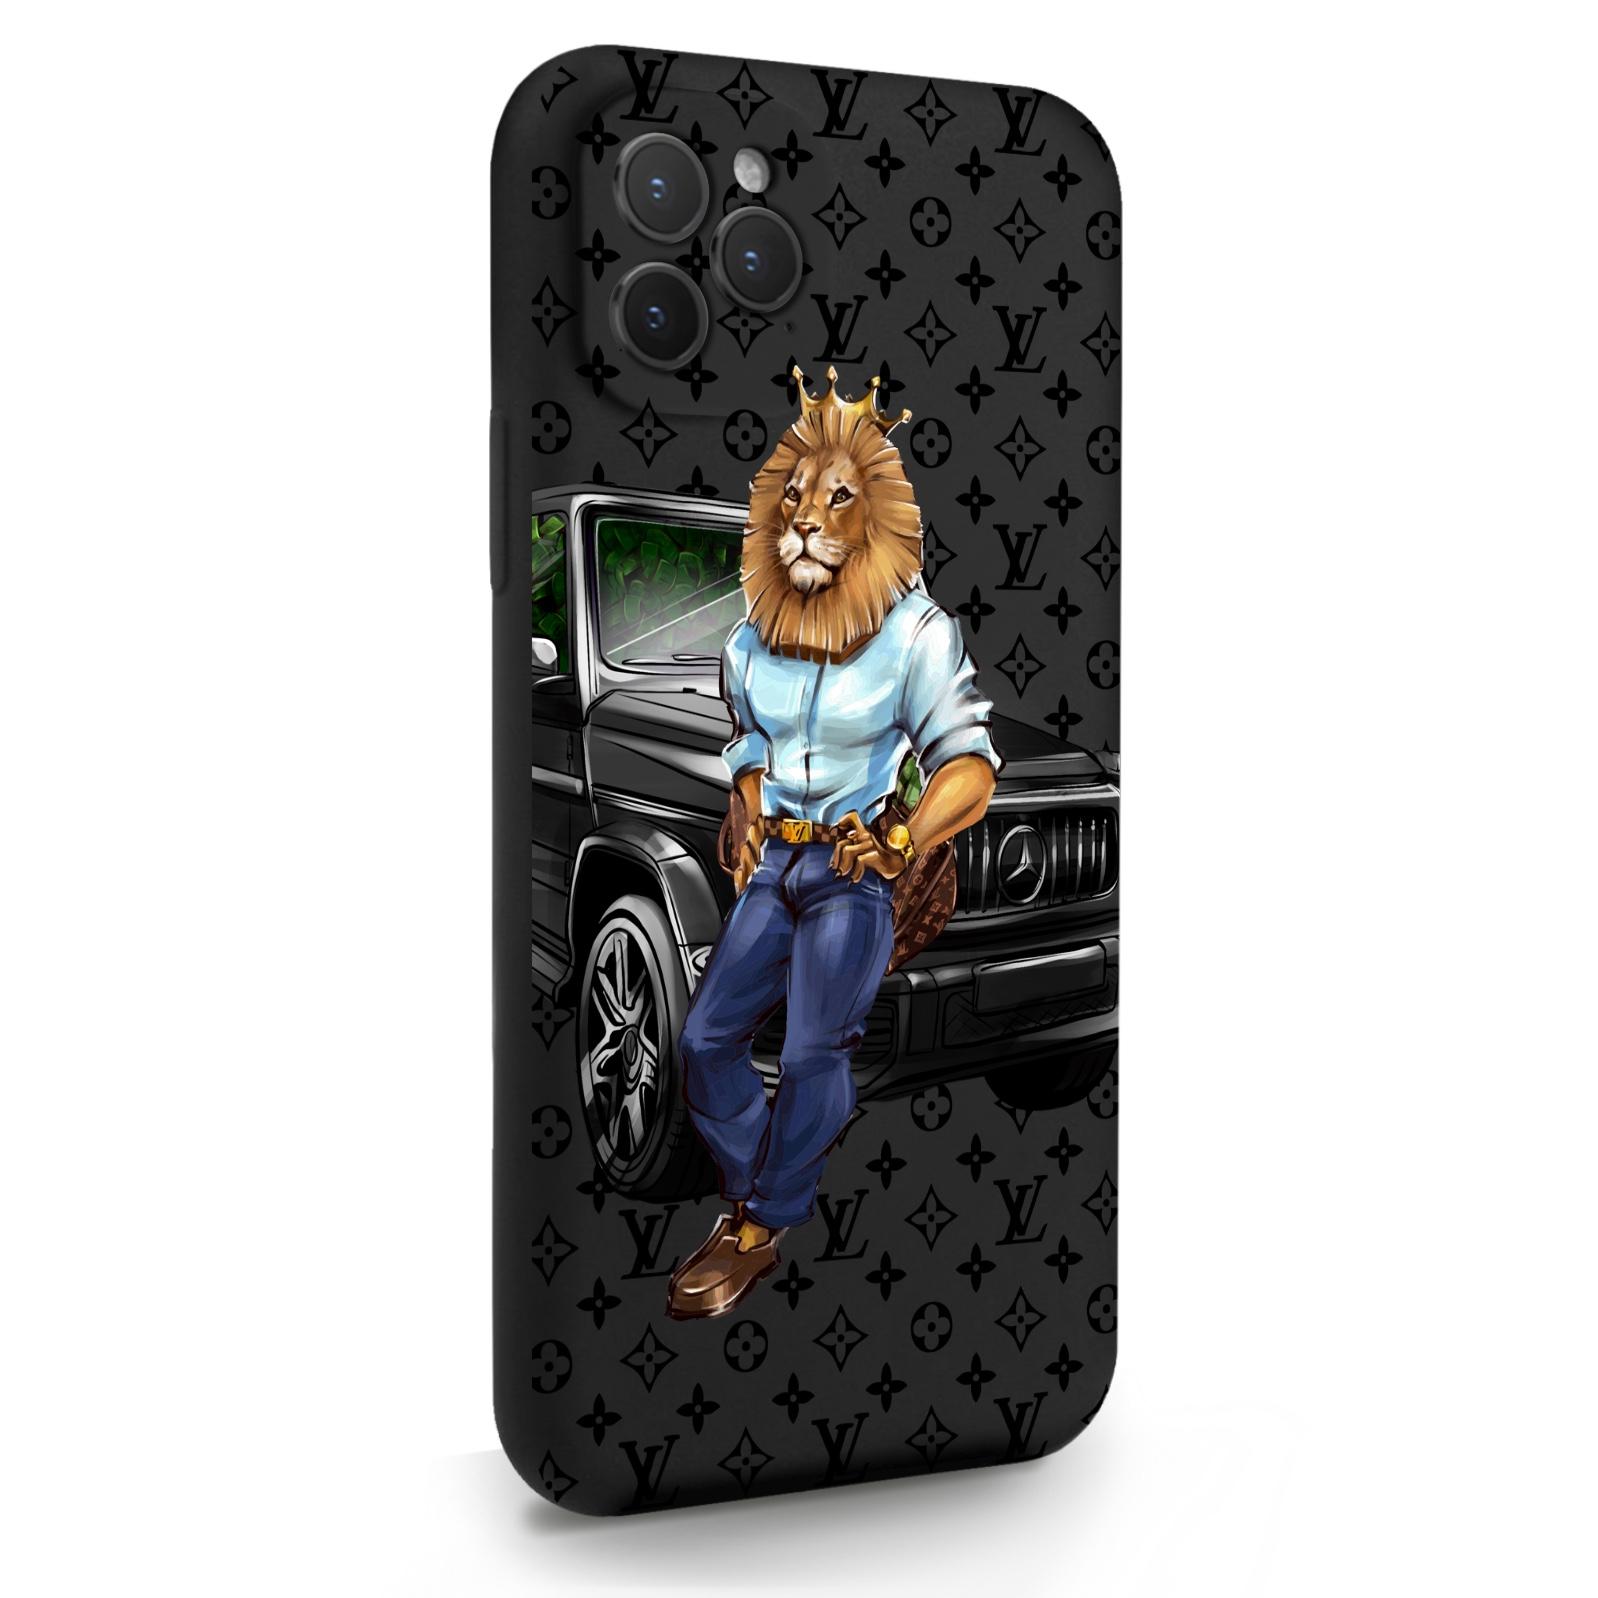 Черный силиконовый чехол для iPhone 11 Pro Lion Business для Айфон 11 Про